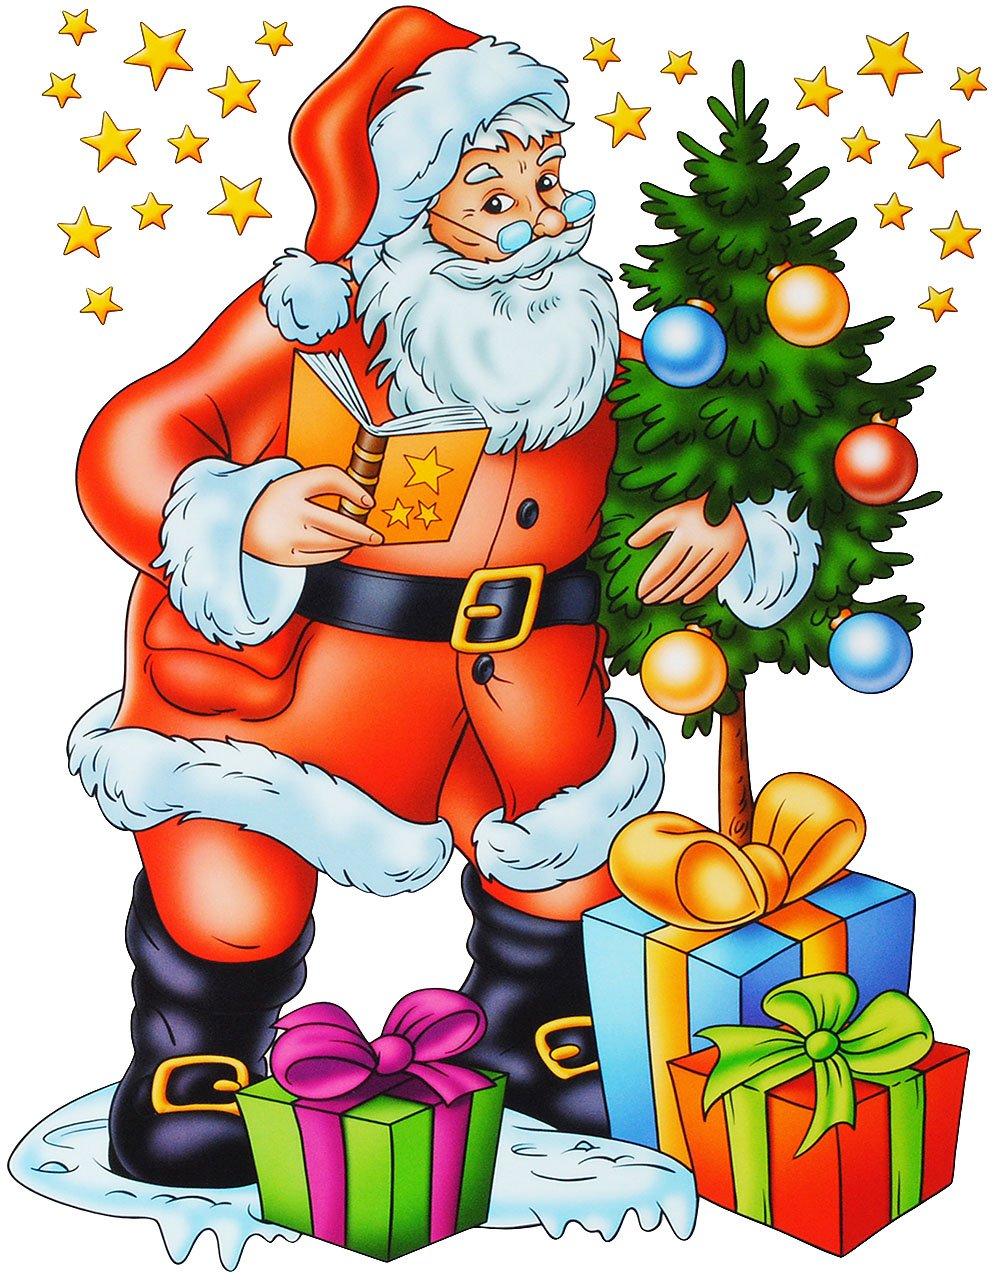 alles-meinede-GmbH-statisch-haftende-XL-Fensterbilder-lustige-Weihnachten-Schneemann-Weihnachtsbaum-Weihnachtsmann-wiederverwendbar-selbstklebend-Sticker-Fenst